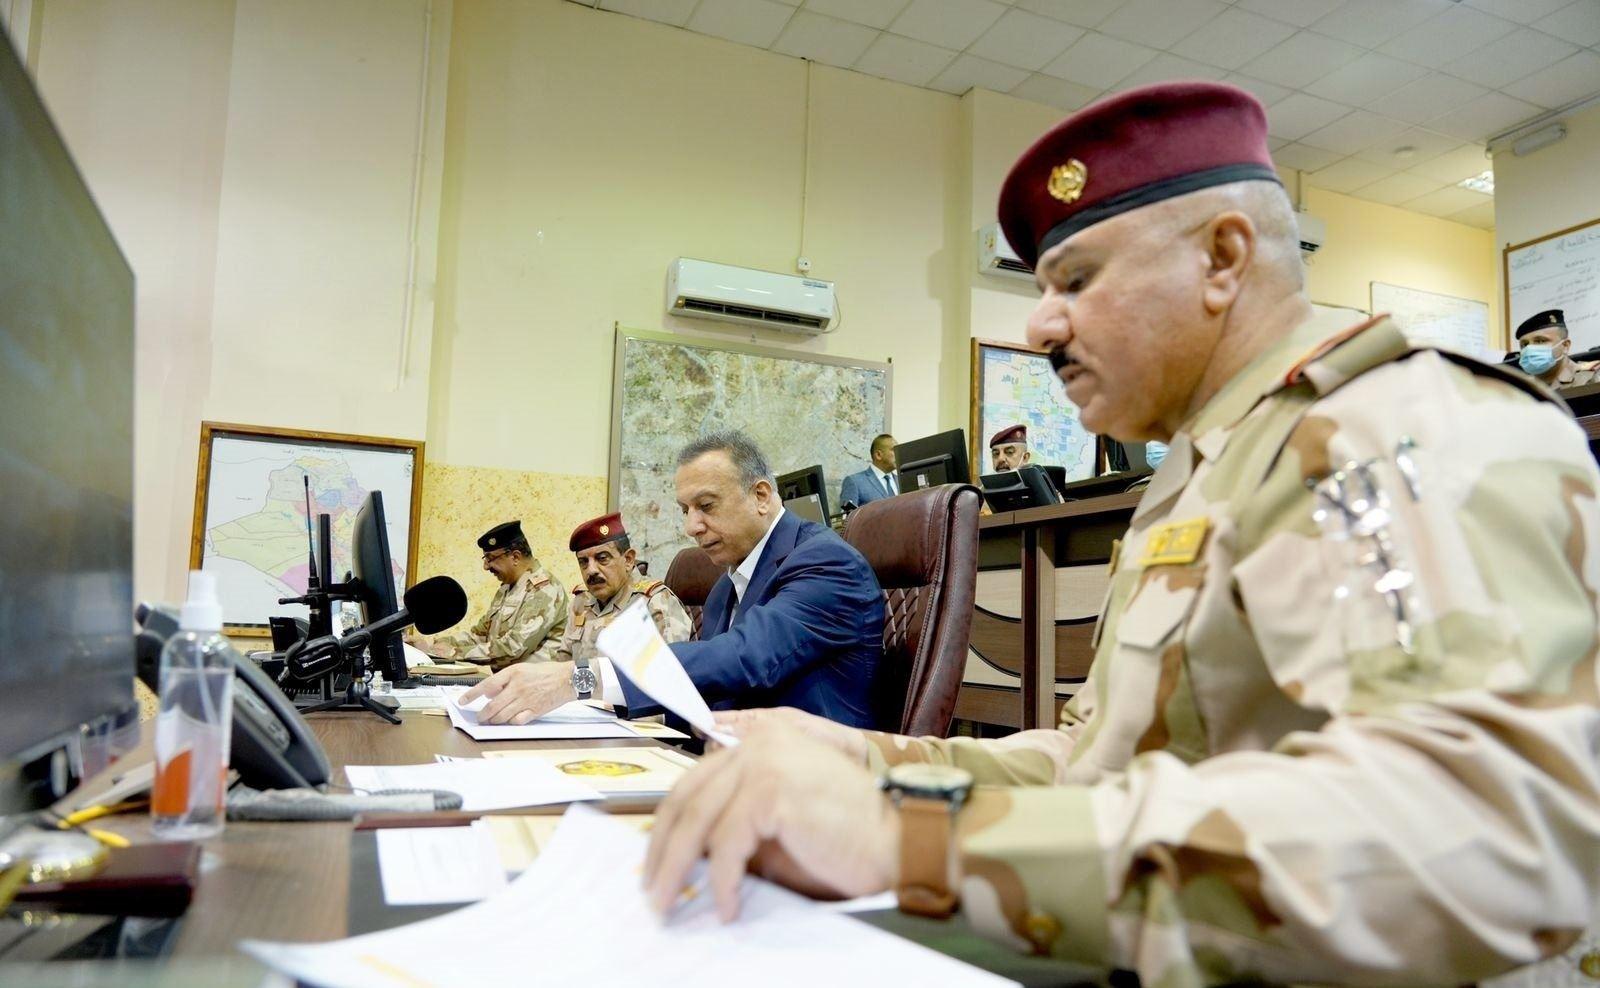 توجيهات جديدة للكاظمي لتأمين صناديق الاقتراع في العراق